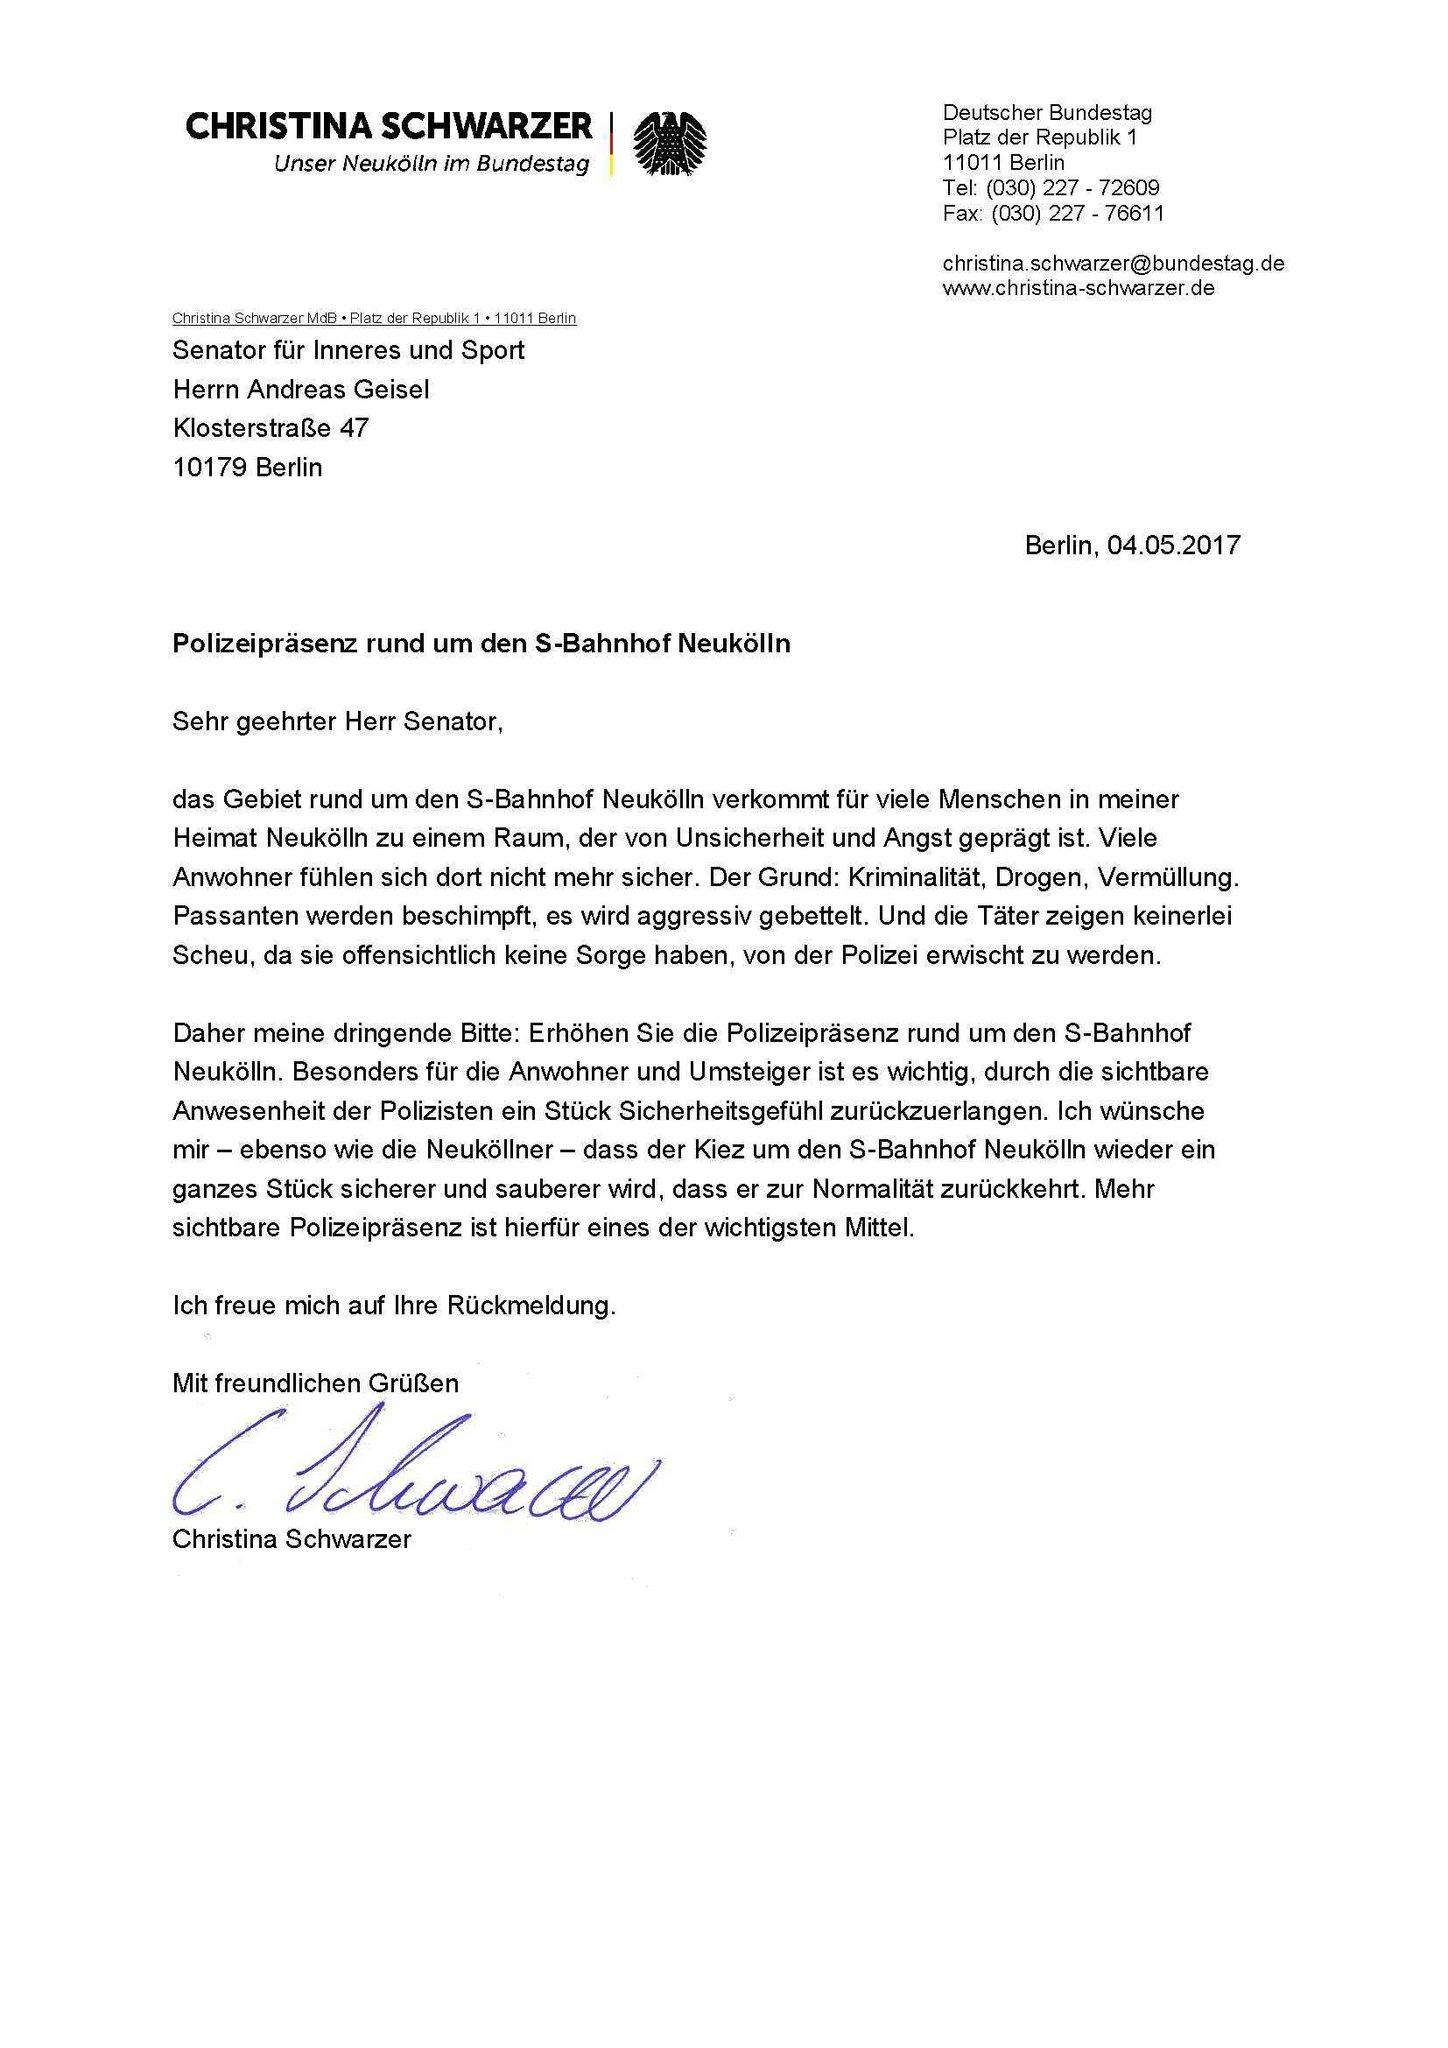 Polizei Brief